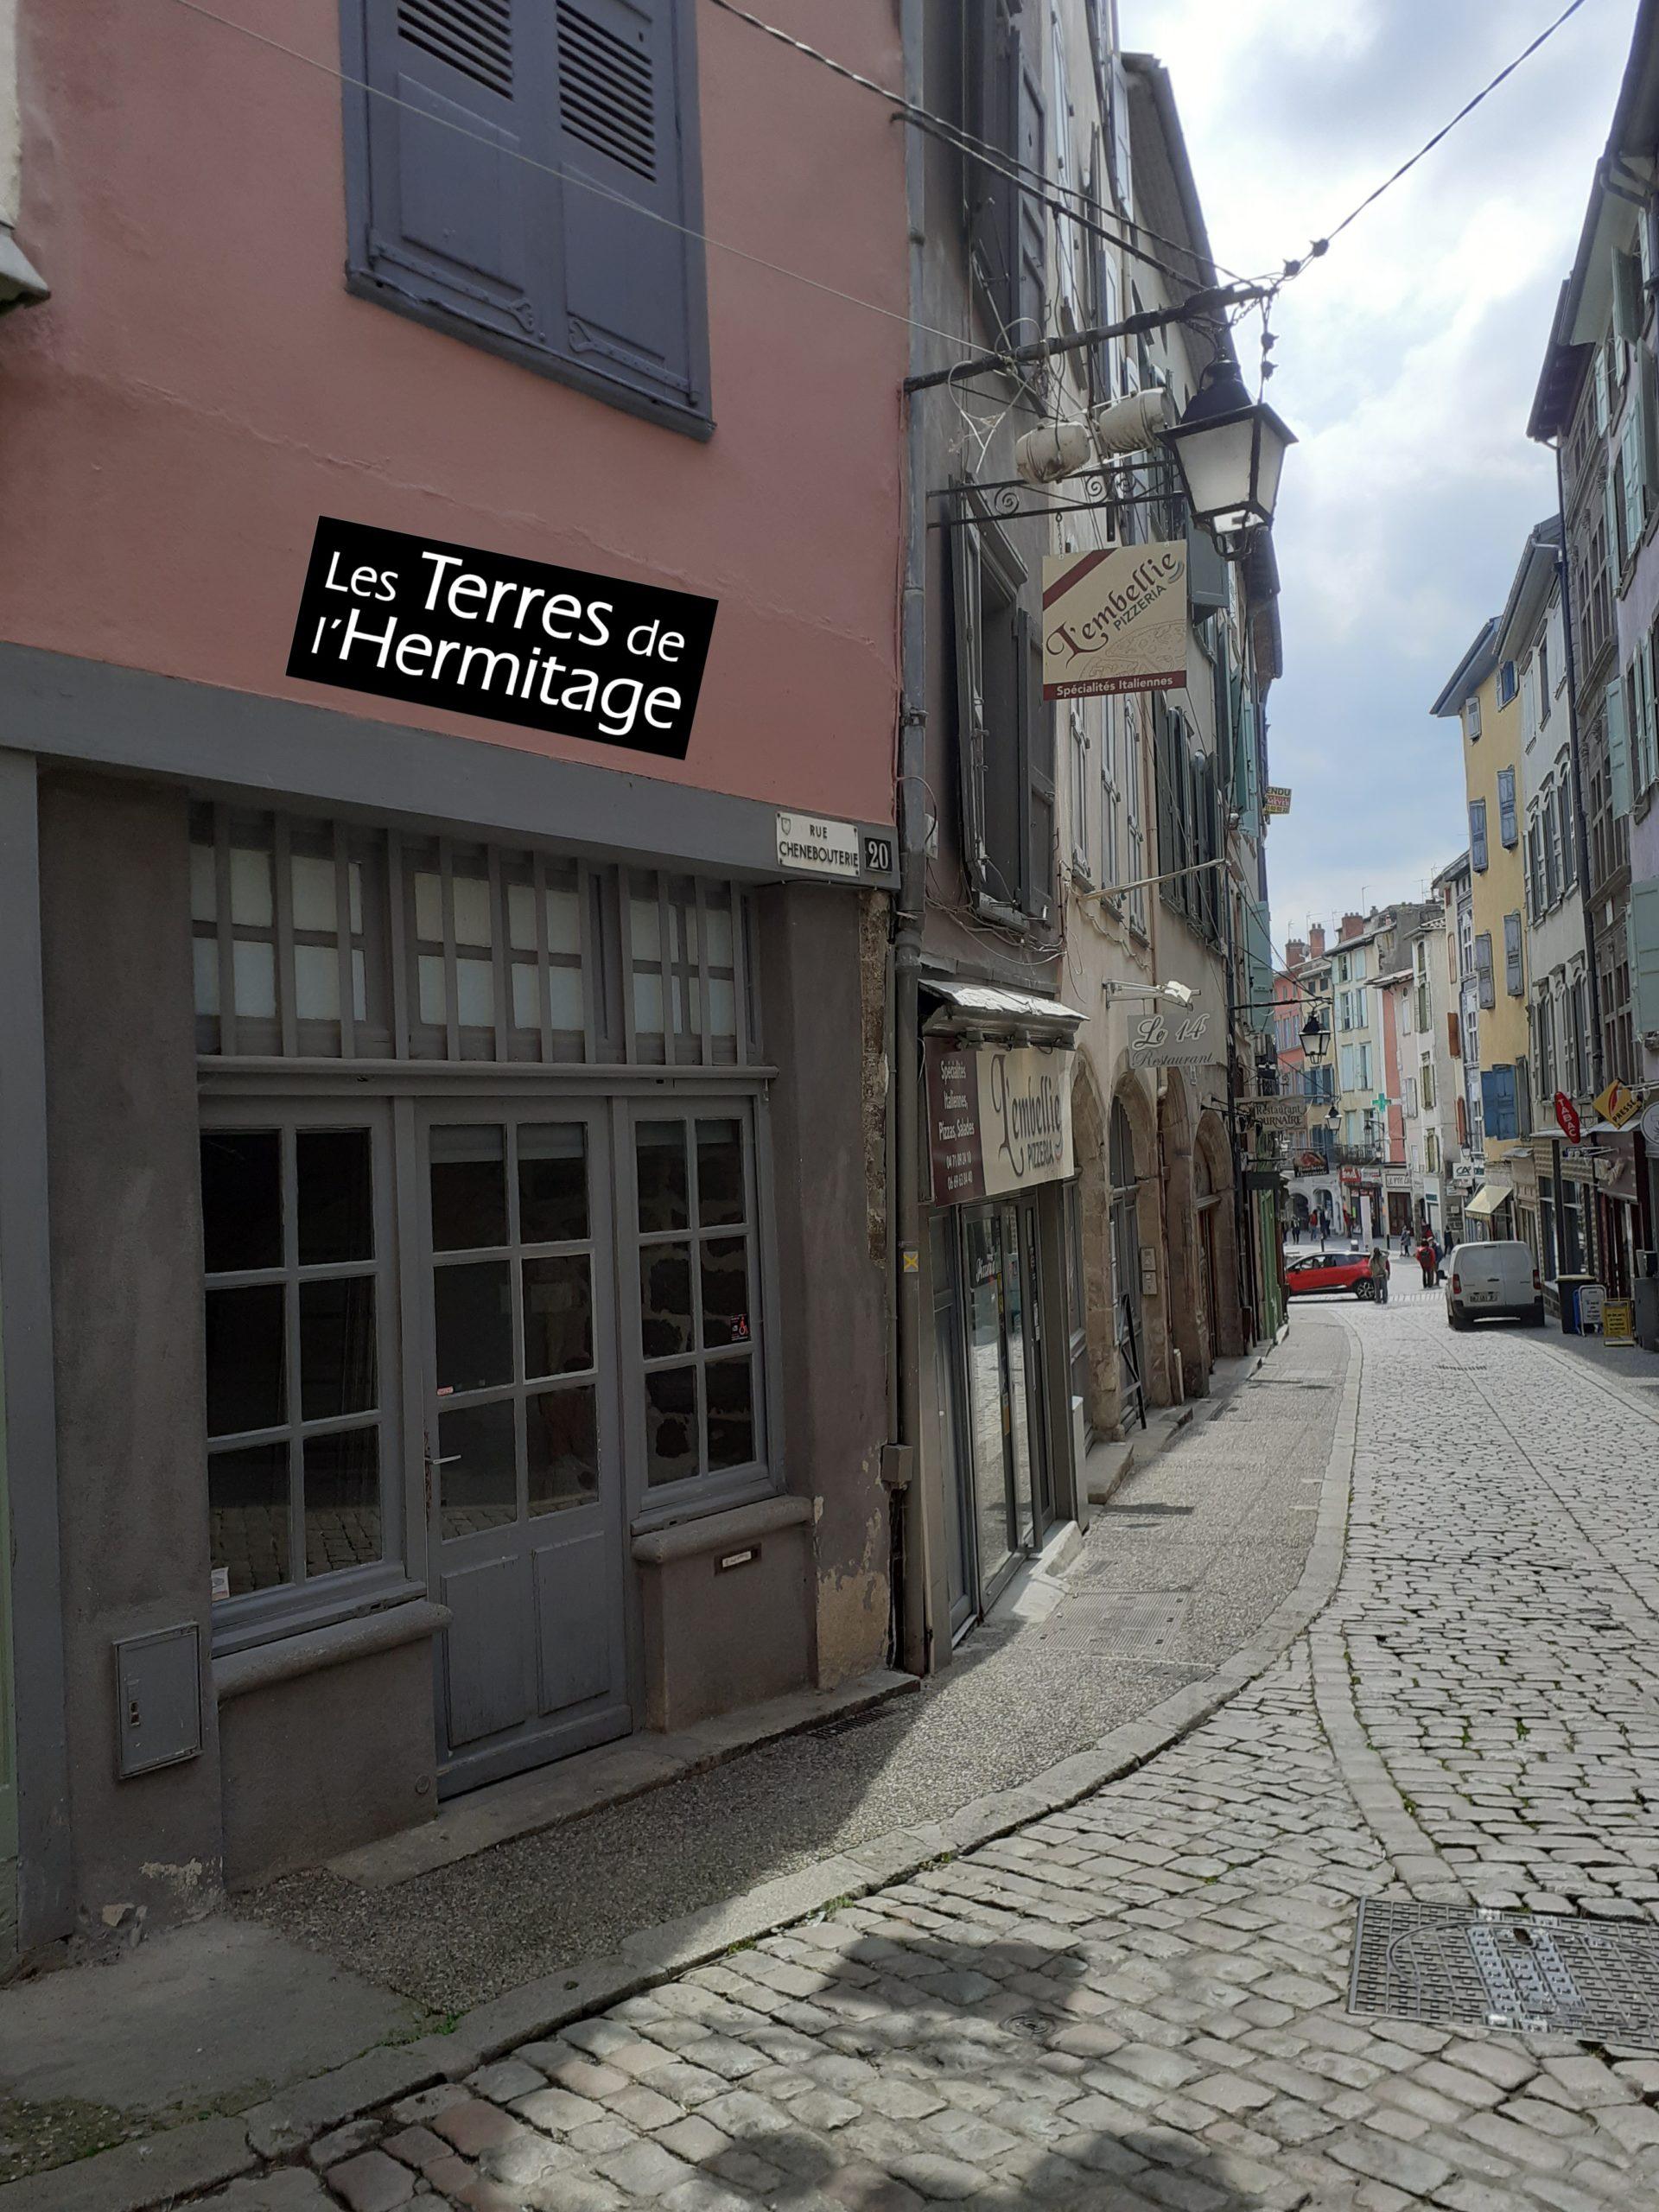 Bientôt Rue Chênebouterie au Puy en Velay